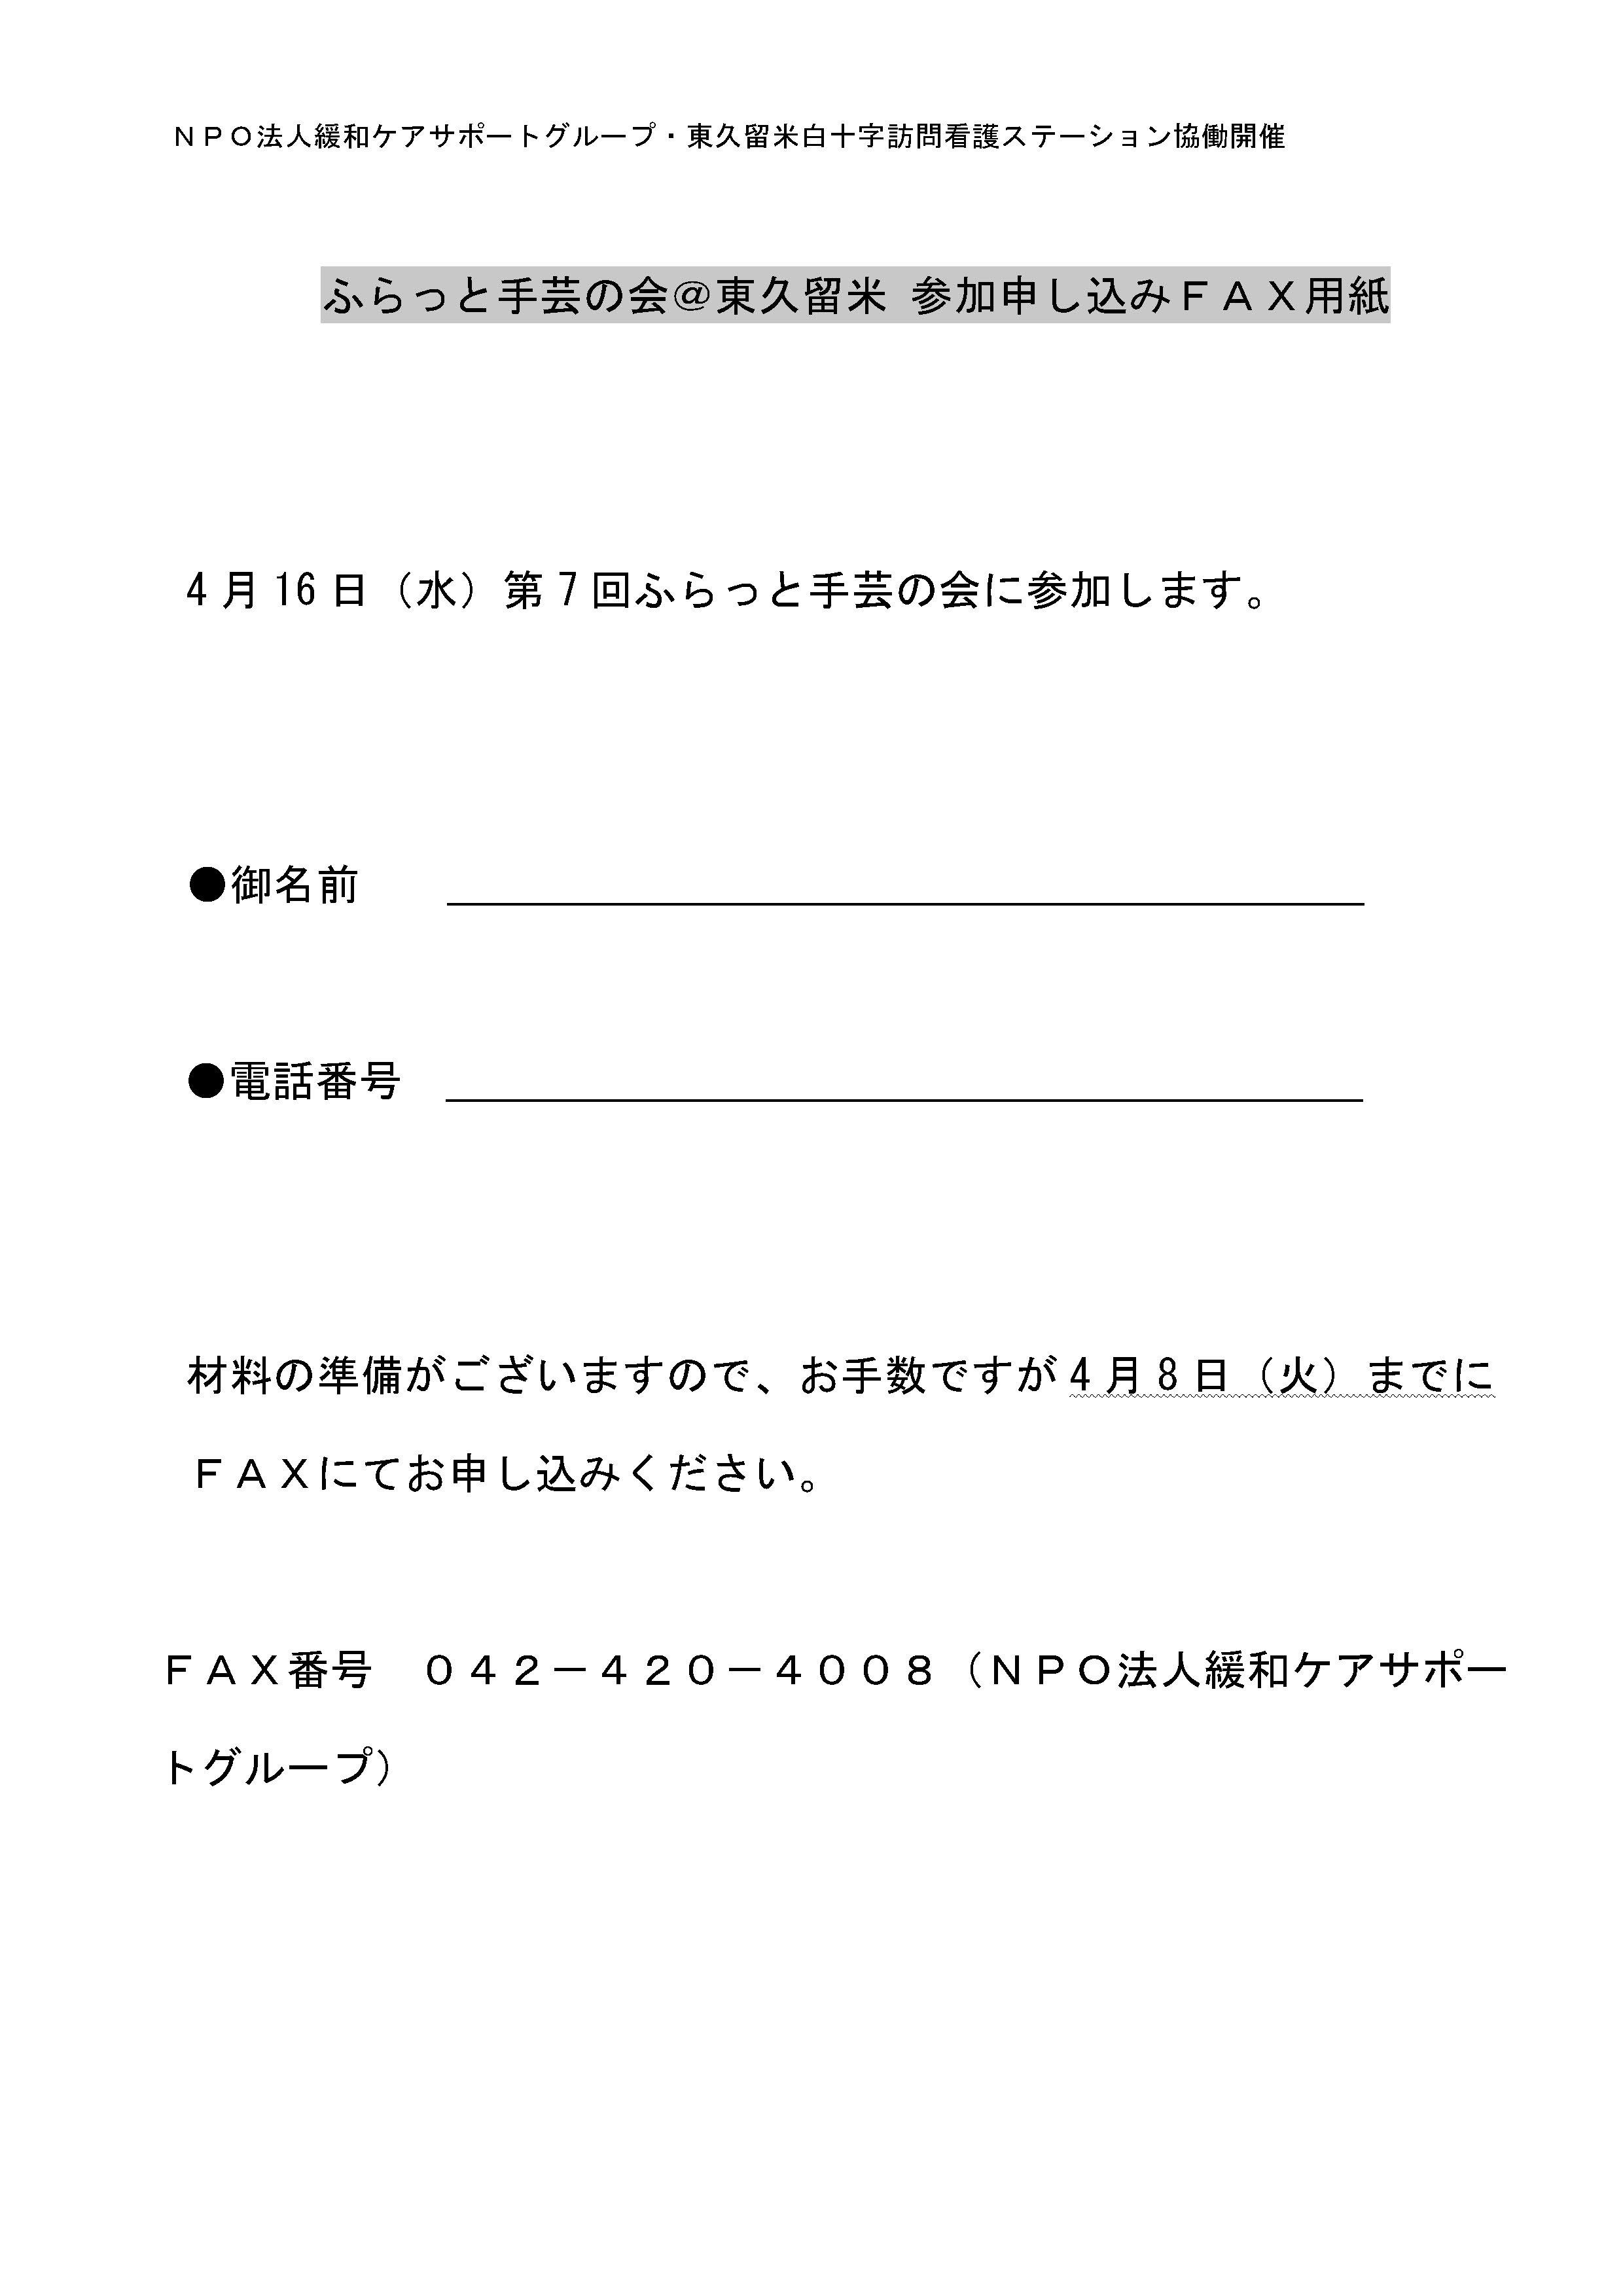 第7回ふらっと手芸の会 @ 東久留米へのお誘い_e0167087_1494264.jpg